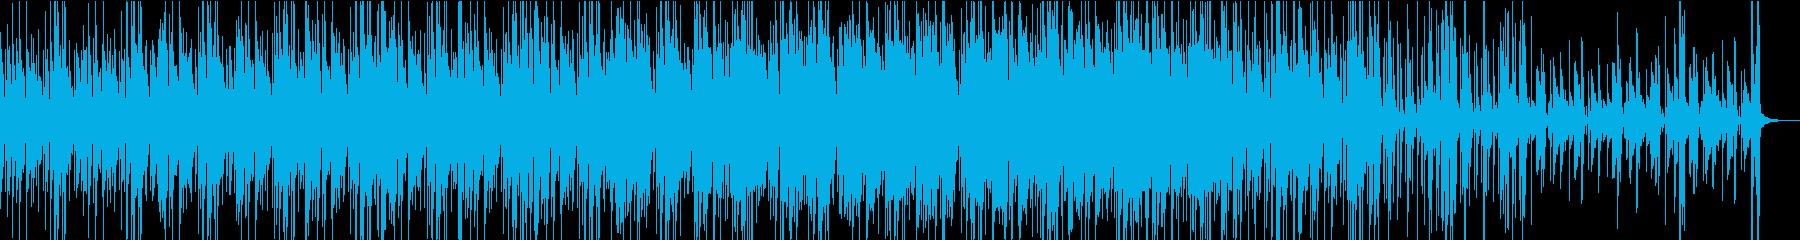 Funky Jazz Swing の再生済みの波形